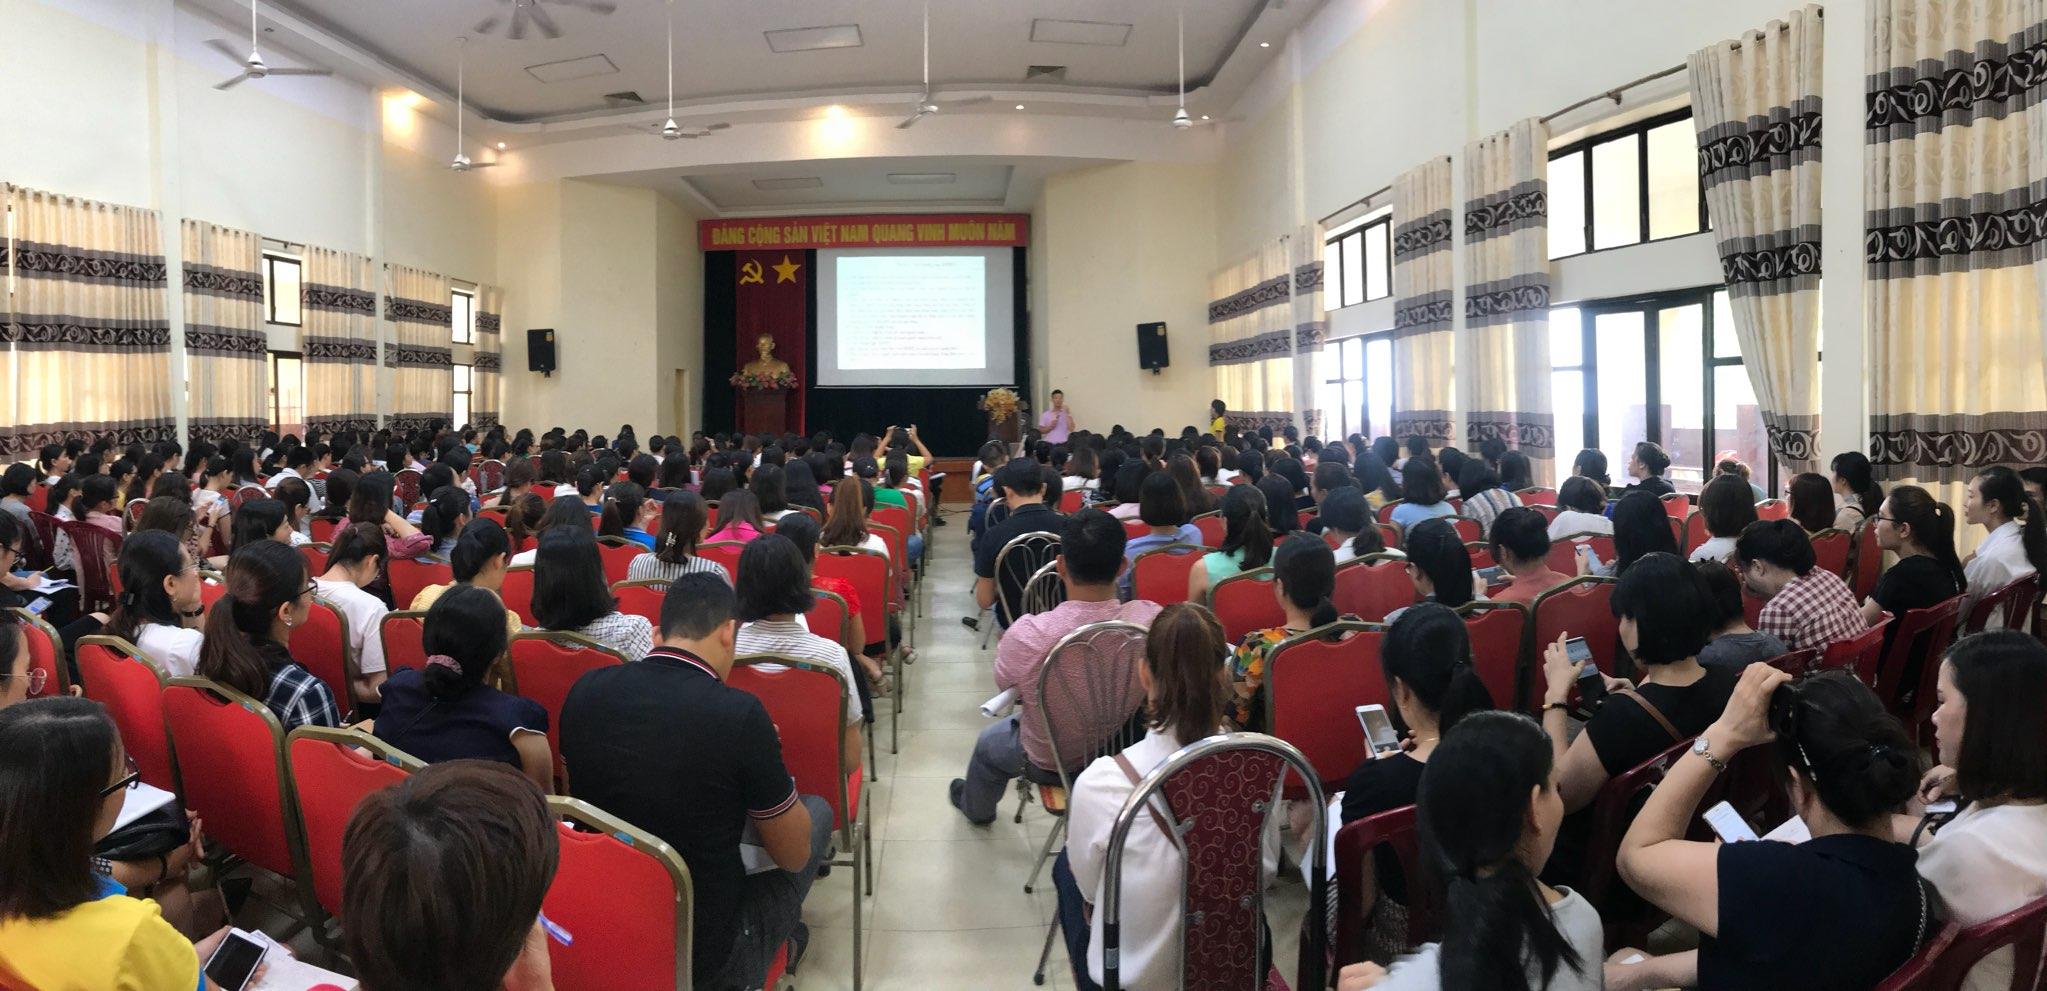 MISA tổ chức chương trình tập huấn hóa đơn điện tử thu hút hơn 400 Doanh nghiệp tại Hải Phòng